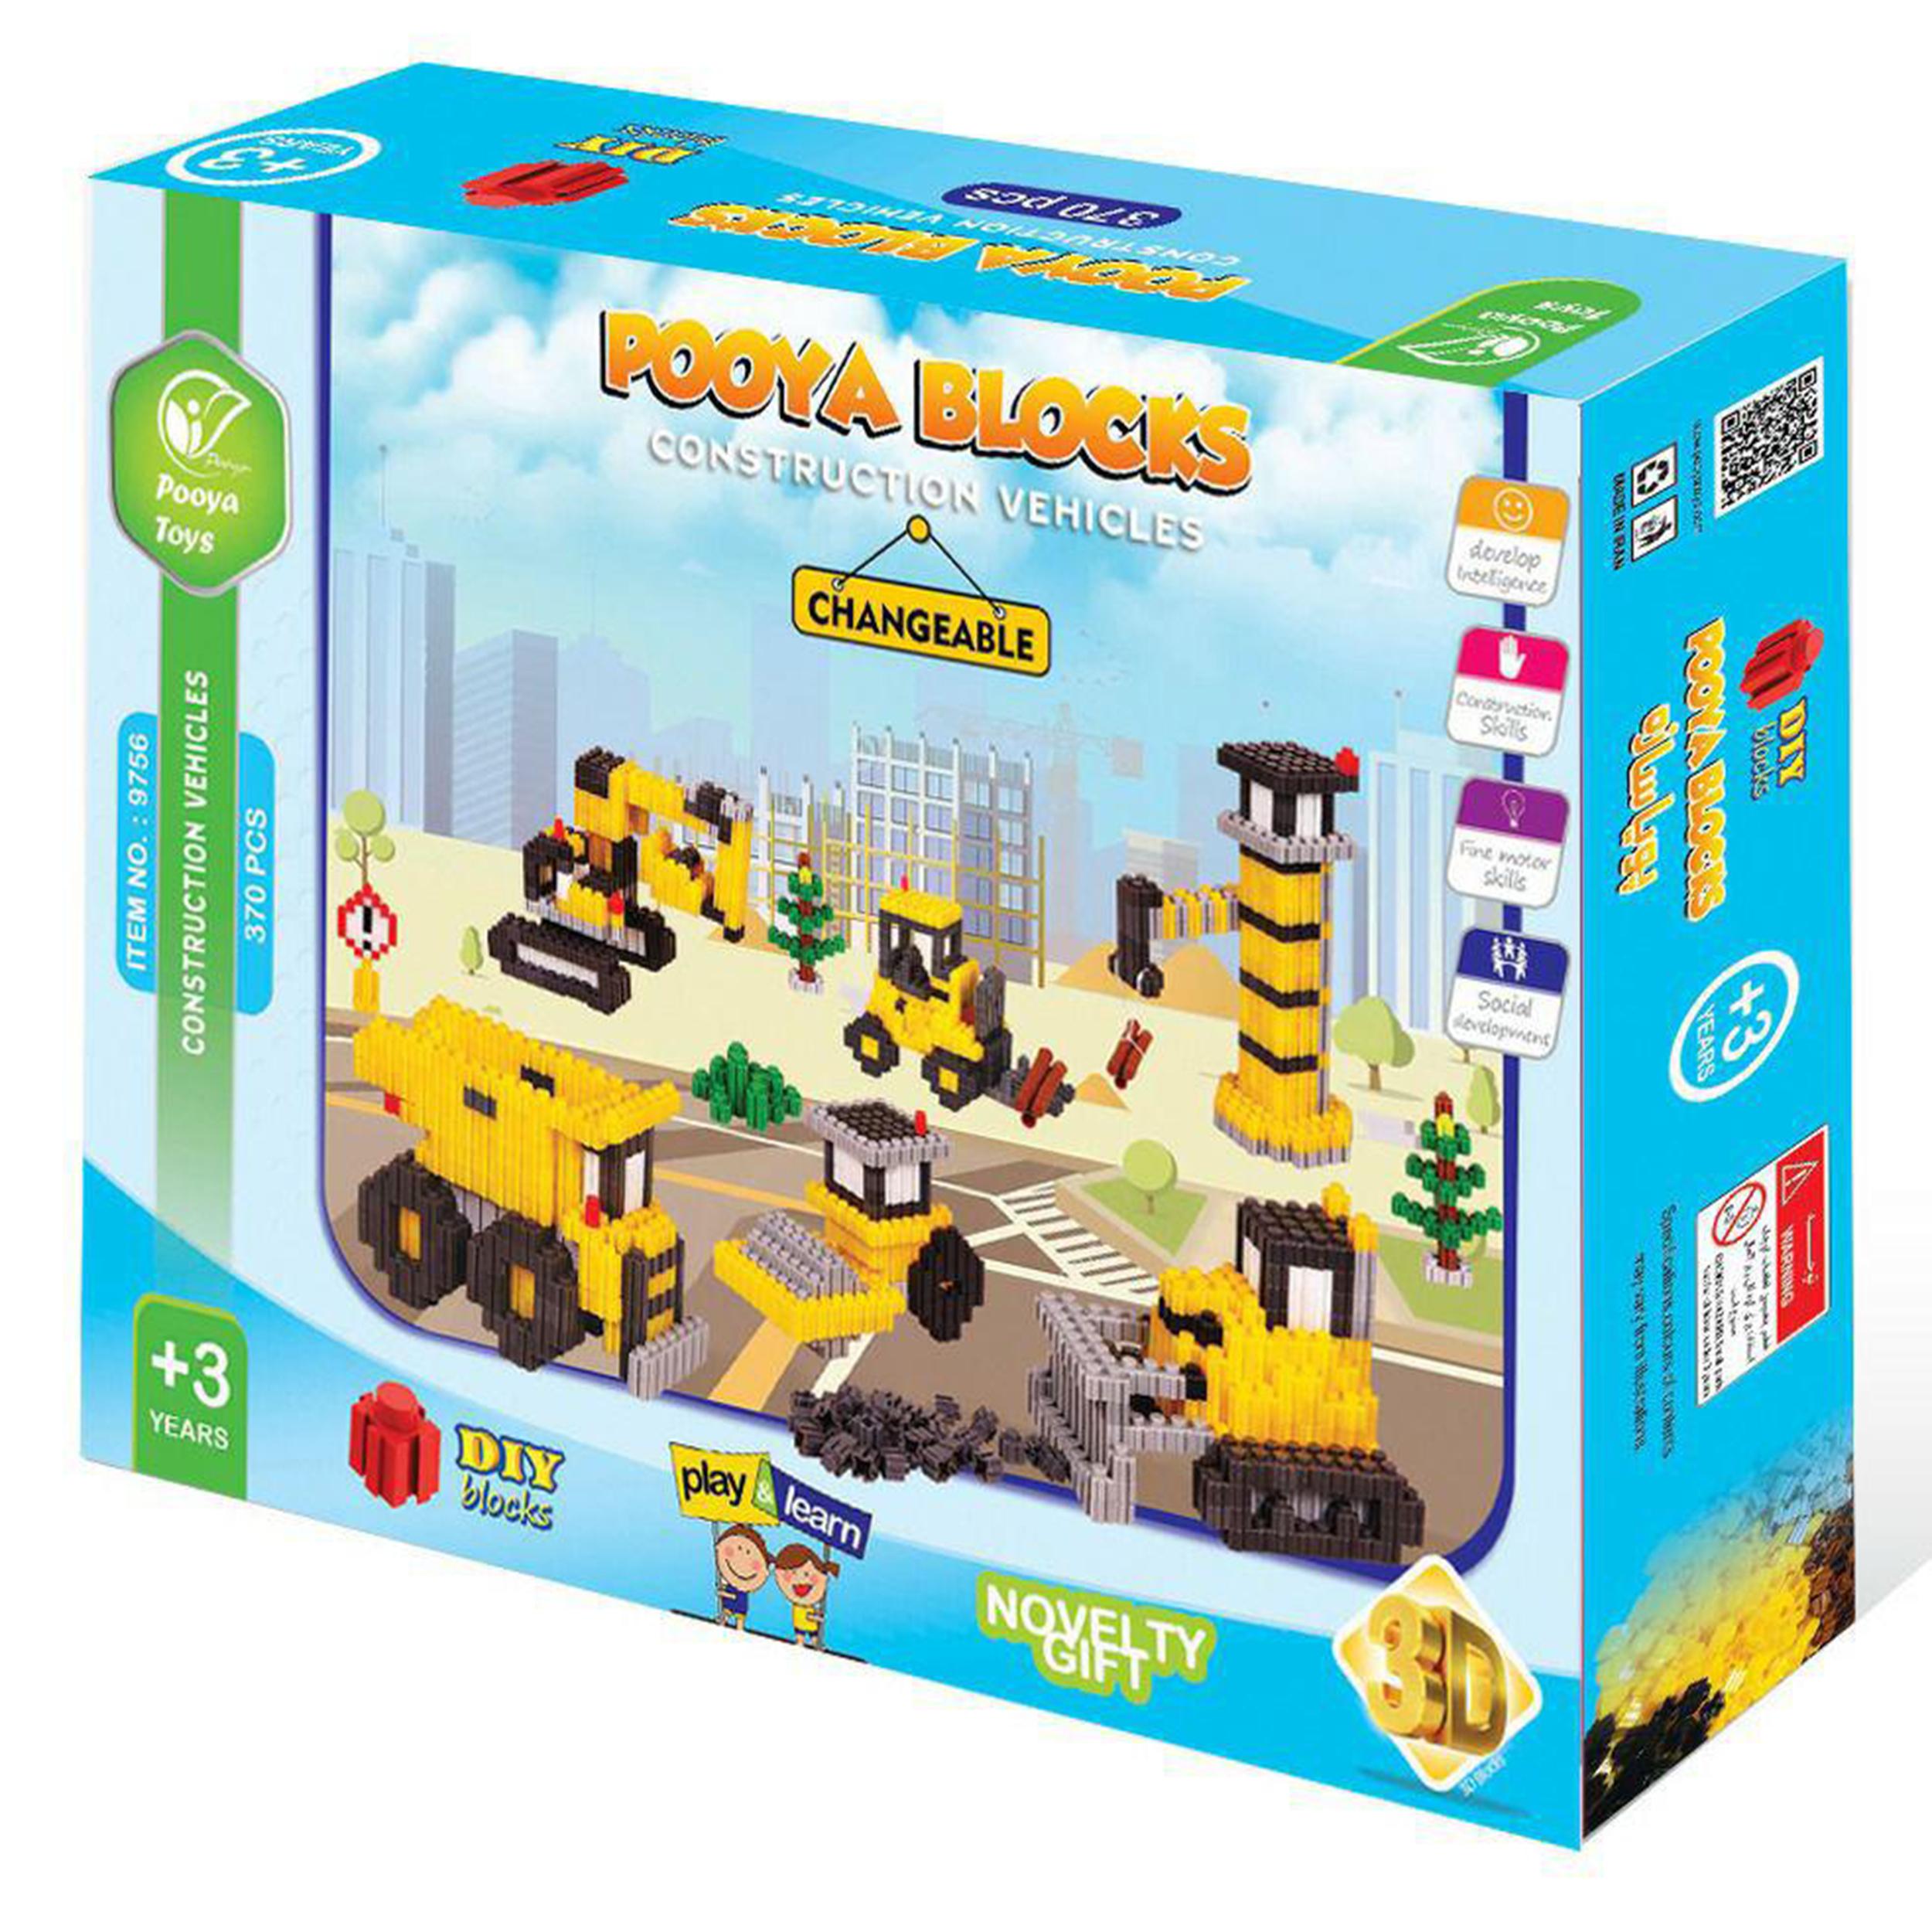 ساختنی اسباب بازی های پویا طرح ماشین آلات راه سازی کد 9756